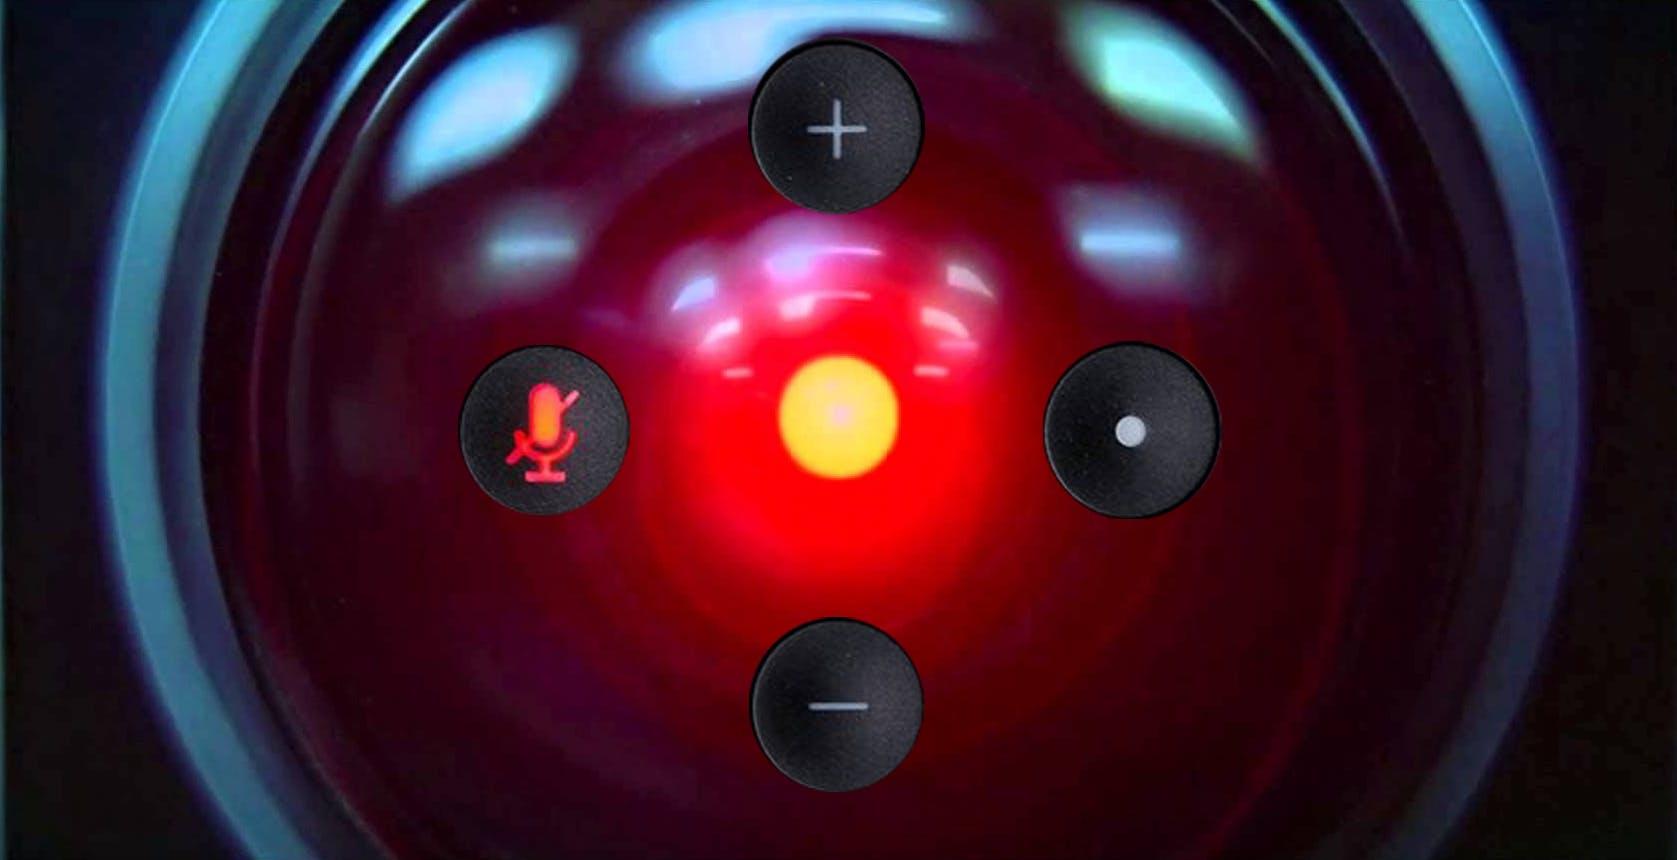 Amazon Alexa, gravi falle (ora risolte): un attacco malevolo poteva dare accesso alle skill e alla cronologia vocale